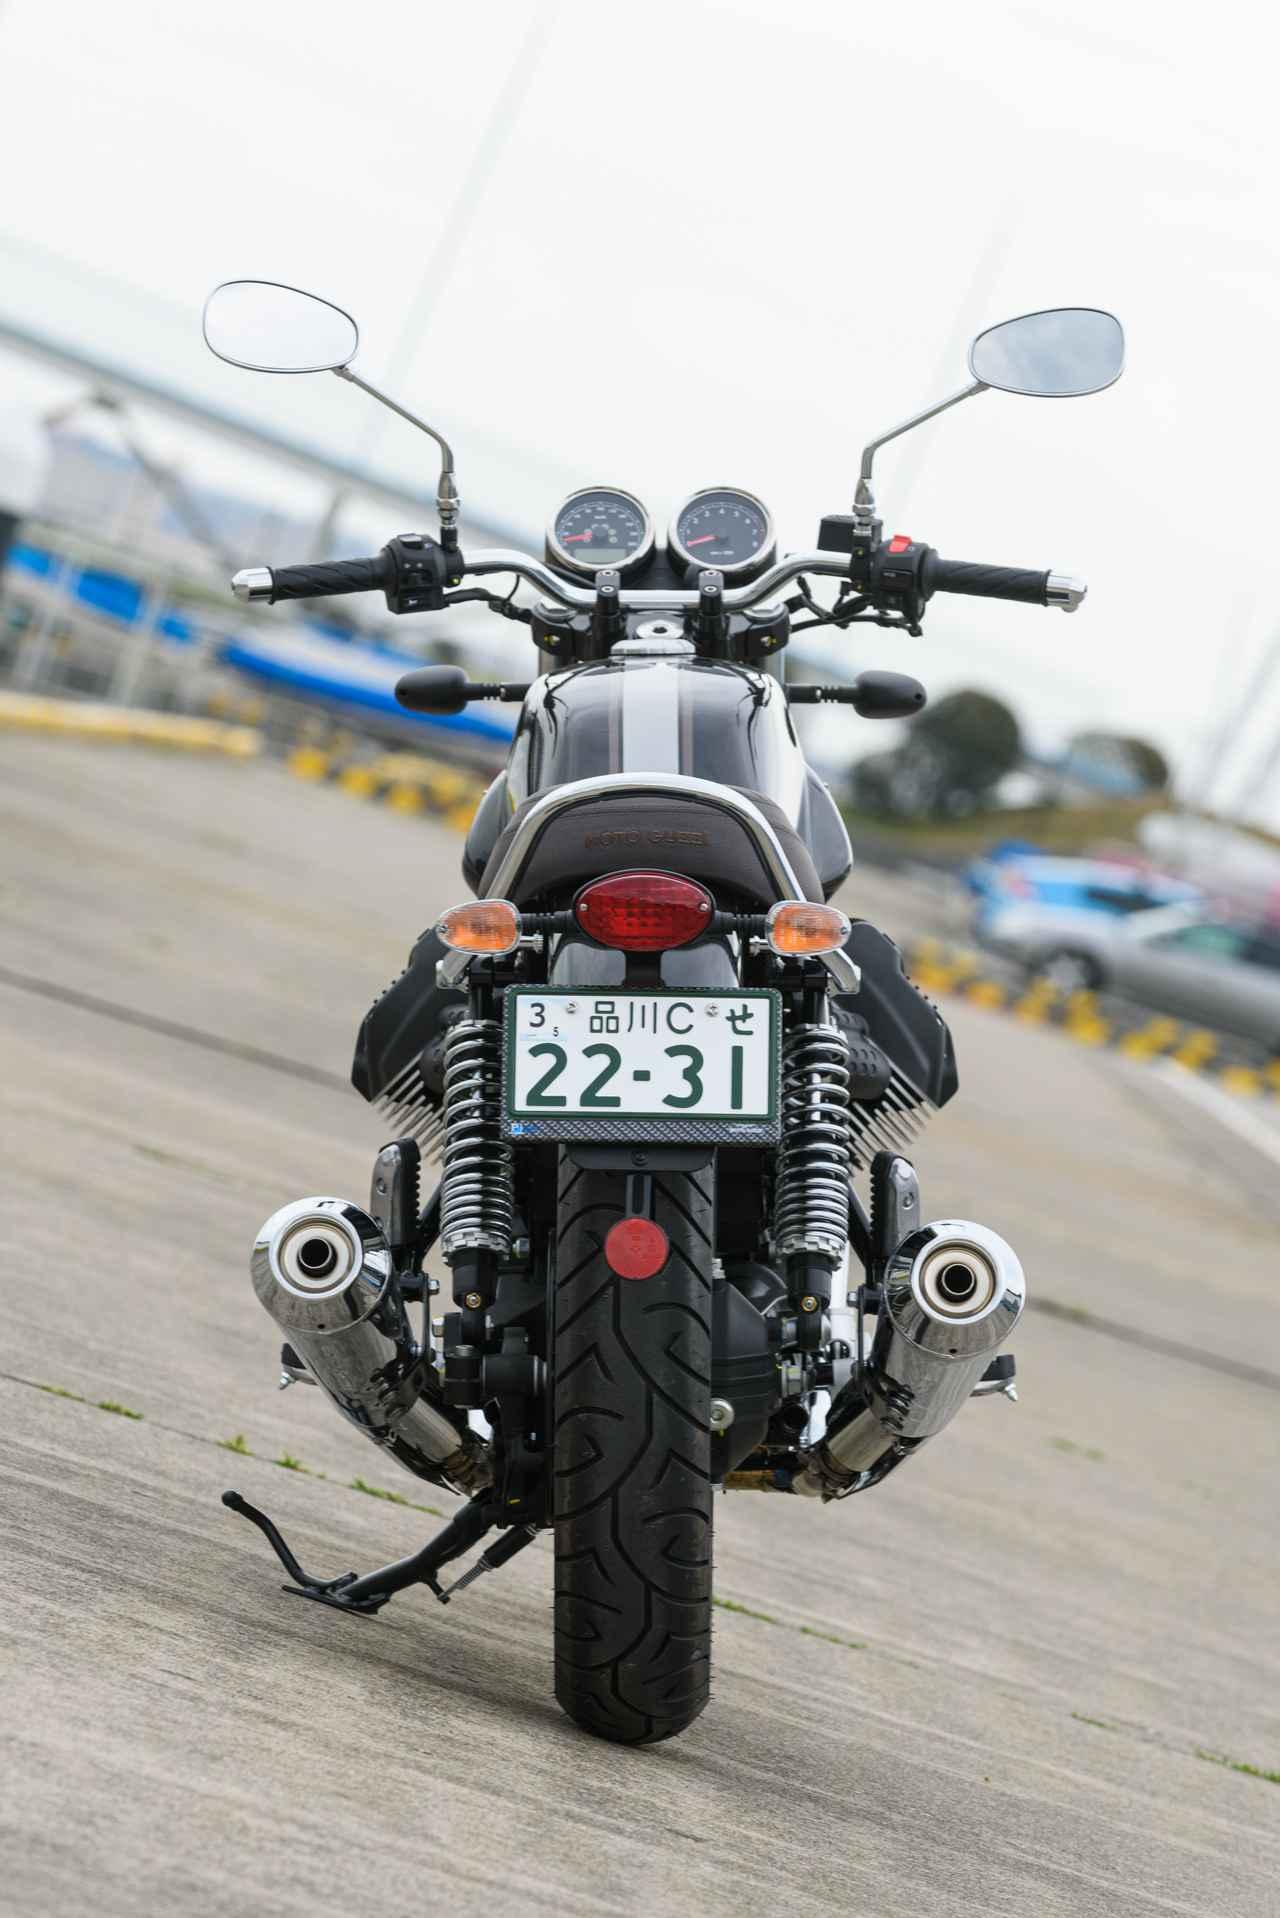 Images : 2番目の画像 - V7 III スペシャルの写真をもっと見る! - webオートバイ